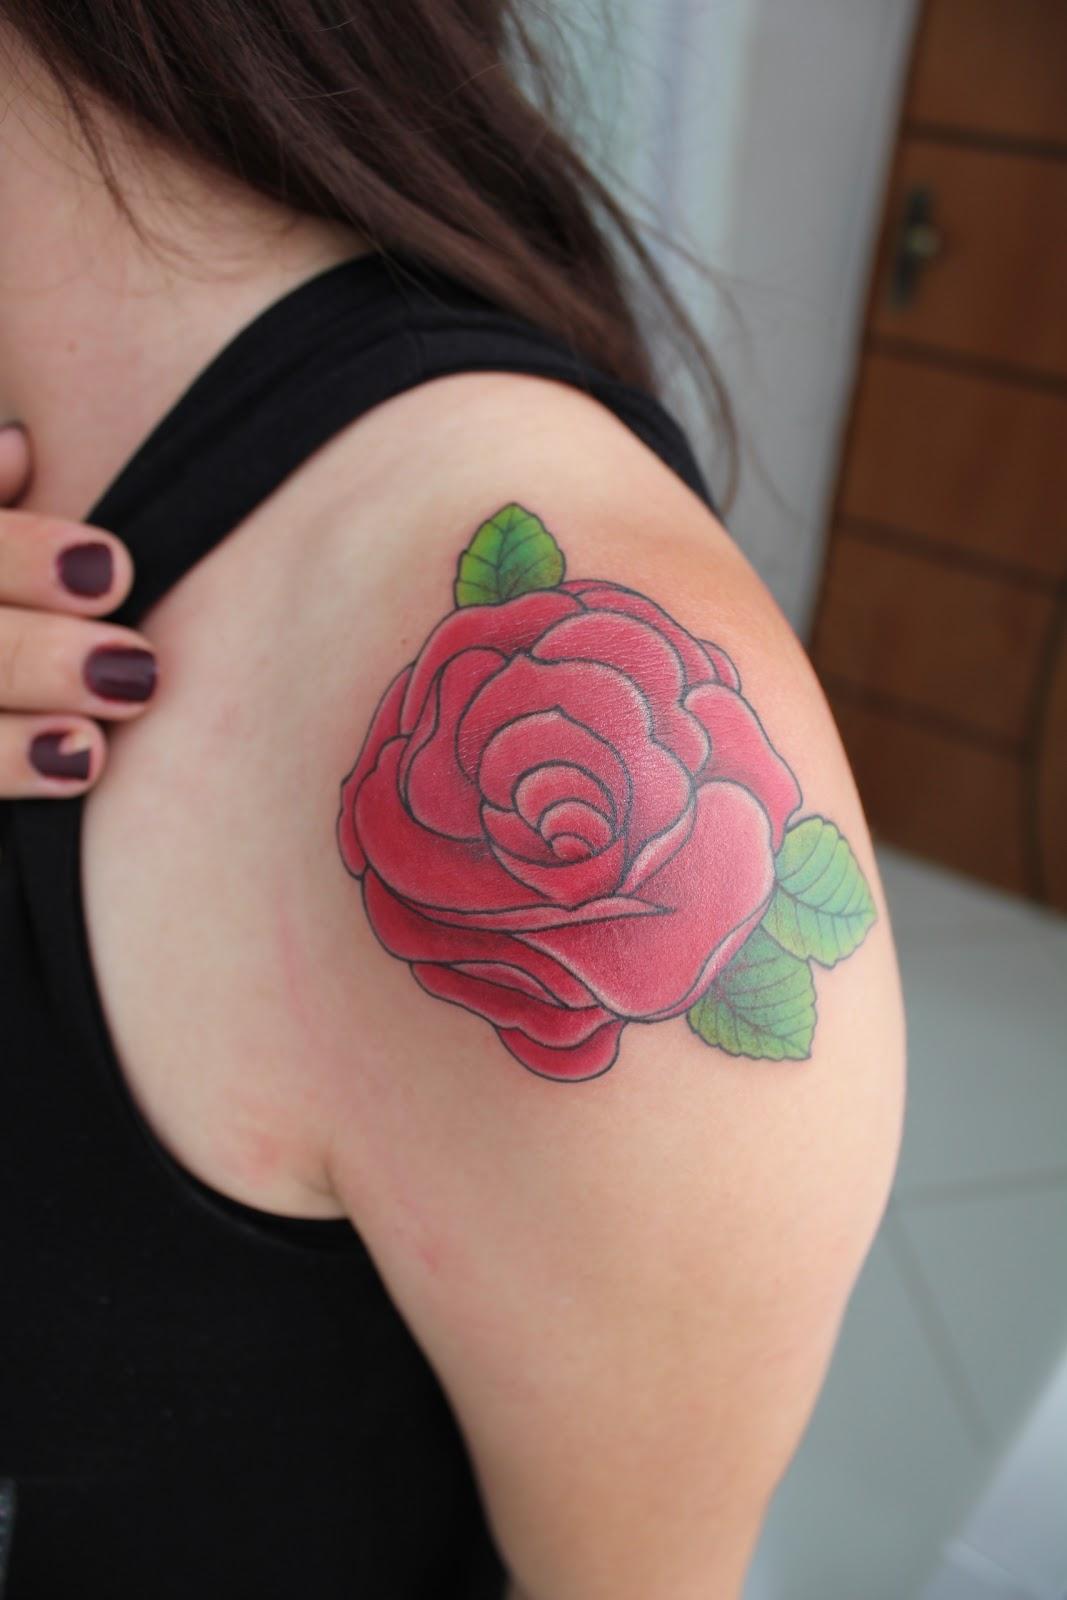 Tatuagem Rosa - Rose TattooSatyagraha Tattoo